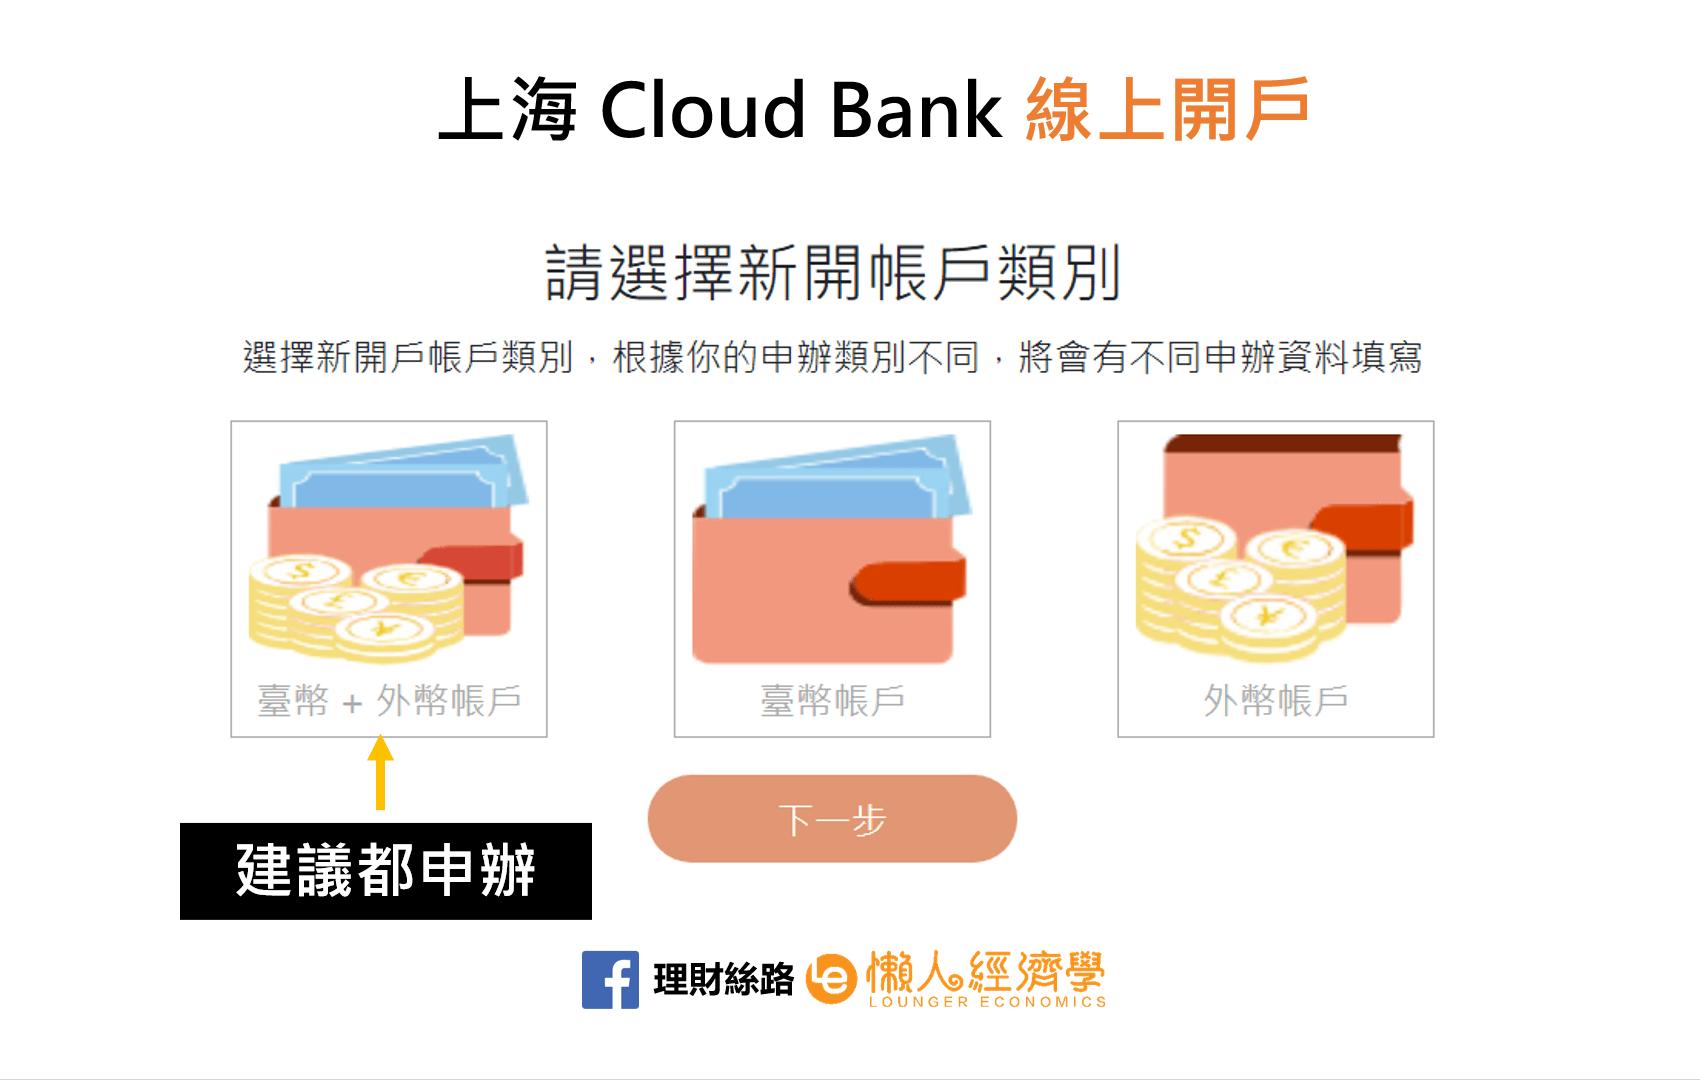 上海Cloud Bank開戶類別